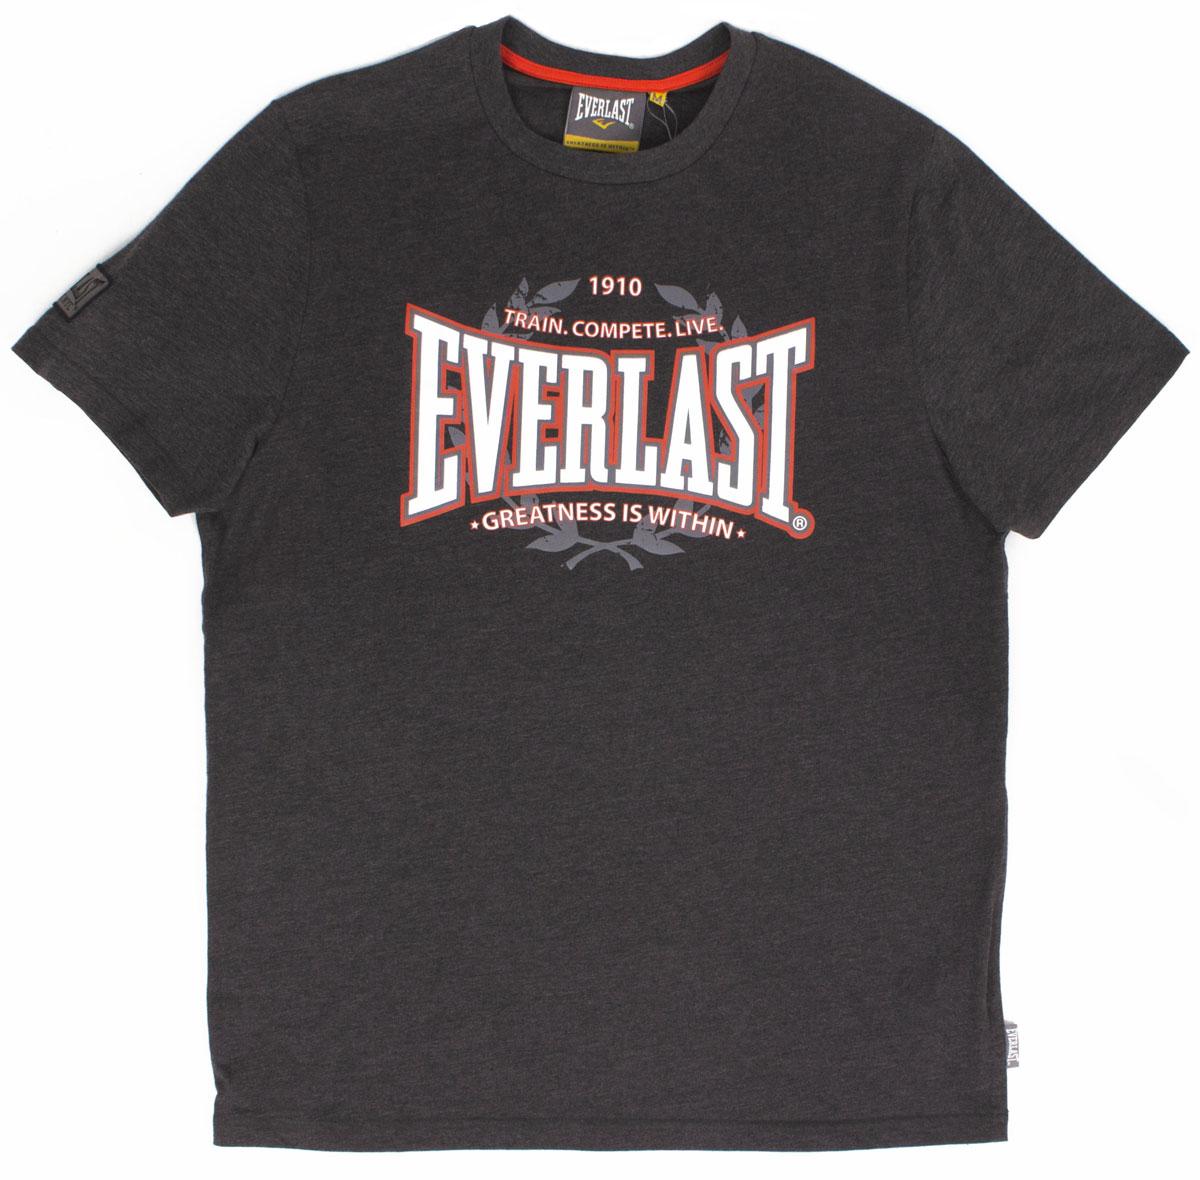 Футболка мужская Everlast Heritage, цвет: серый. EVR6520. Размер S (46/48)EVR6520Симпатичная мужская футболка Everlast выполнена из высококачественного материала, обеспечит вам комфорт при носке.Футболка прямого кроя с круглым вырезом горловины и короткими рукавами оформлена принтовой надписью. Эта замечательная футболка отлично подойдет для тренировок и повседневного ношения.